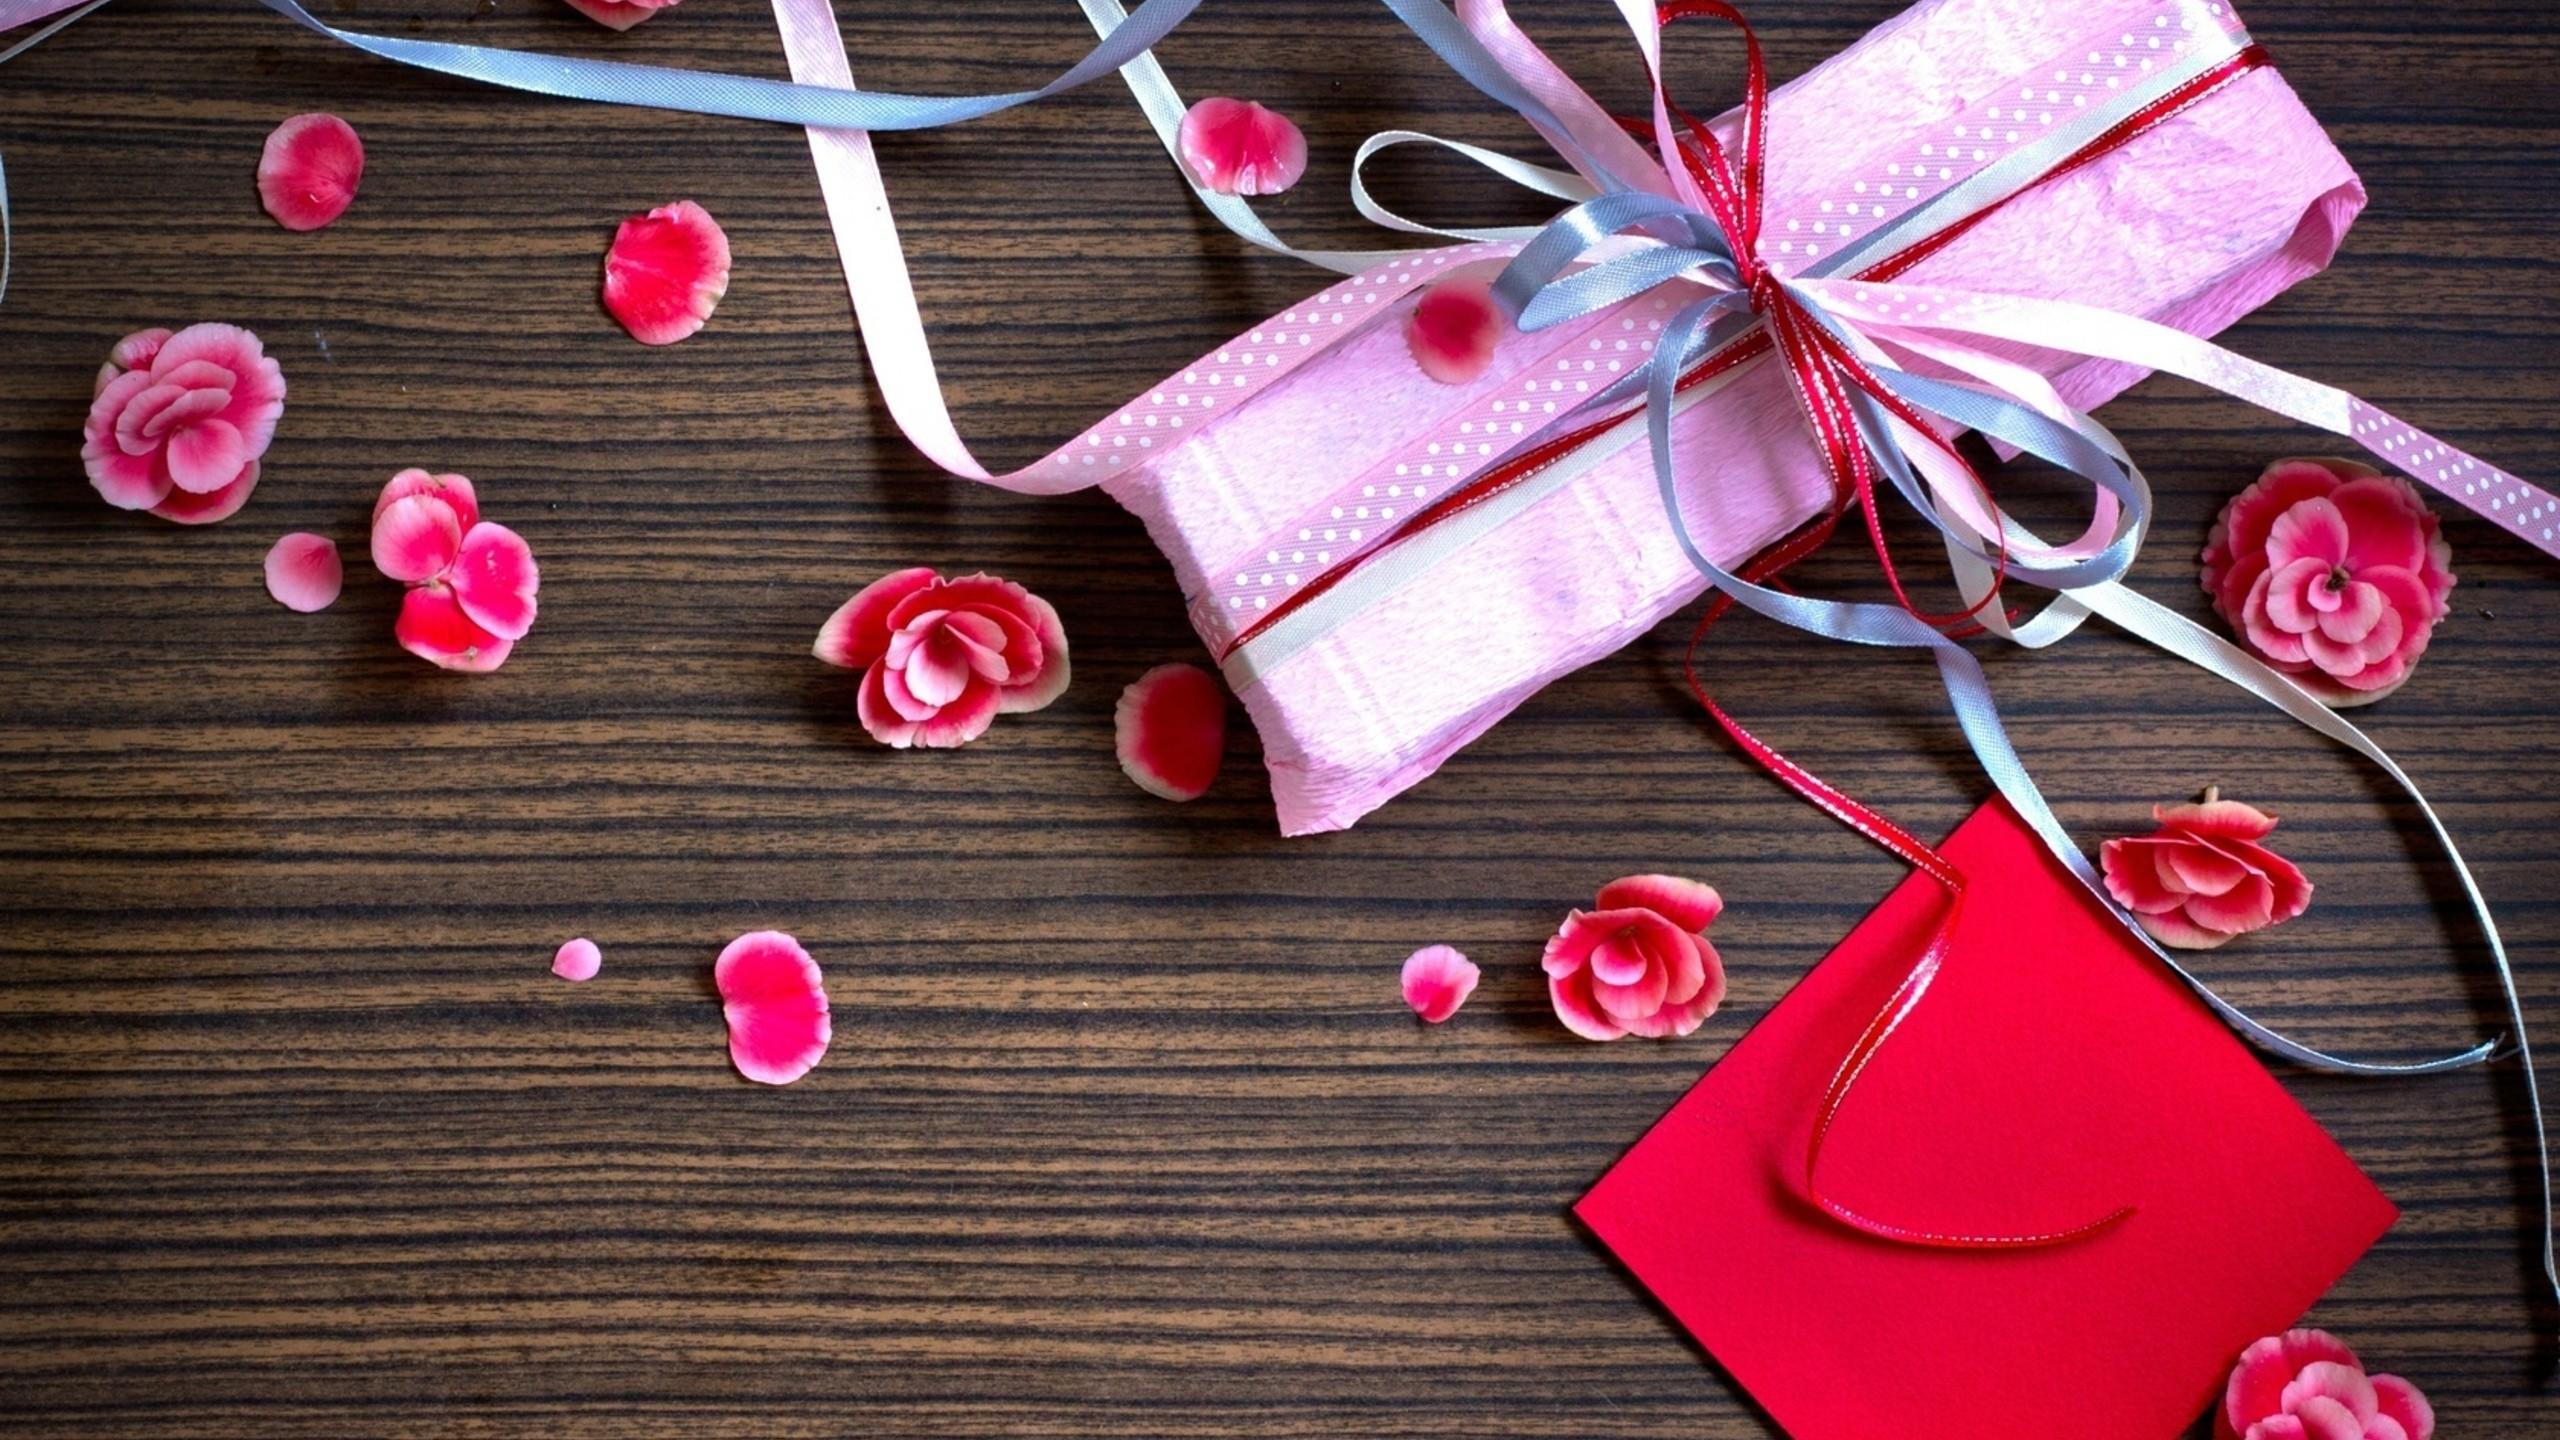 Fond Décran Fleurs Cœur Rouge La Saint Valentin Ruban